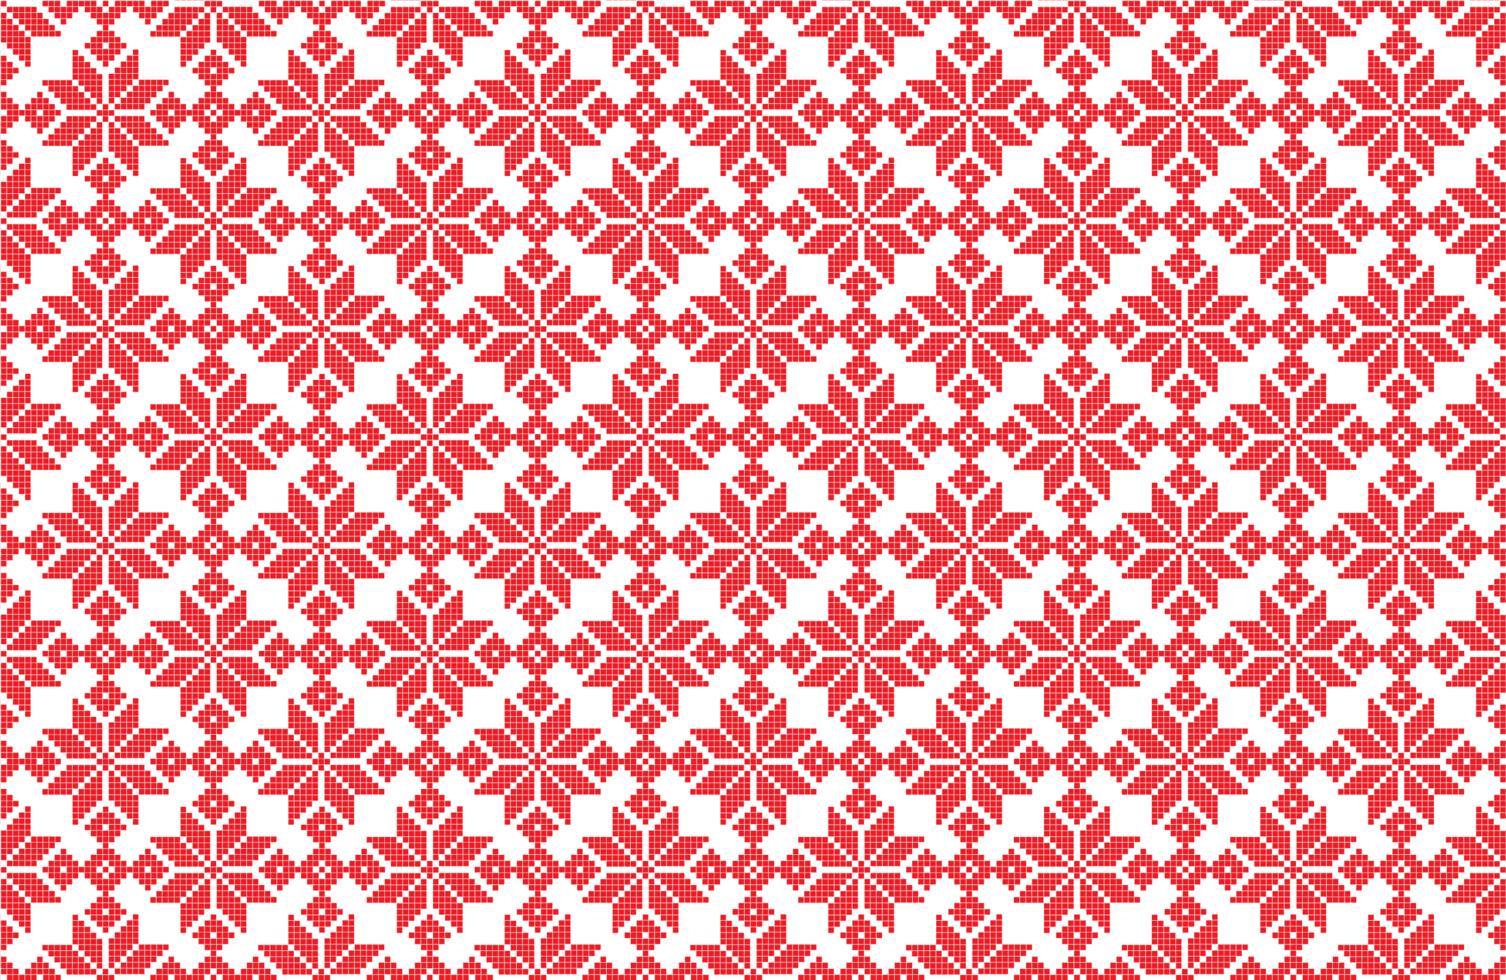 patrón de píxeles de copo de nieve de navidad vector